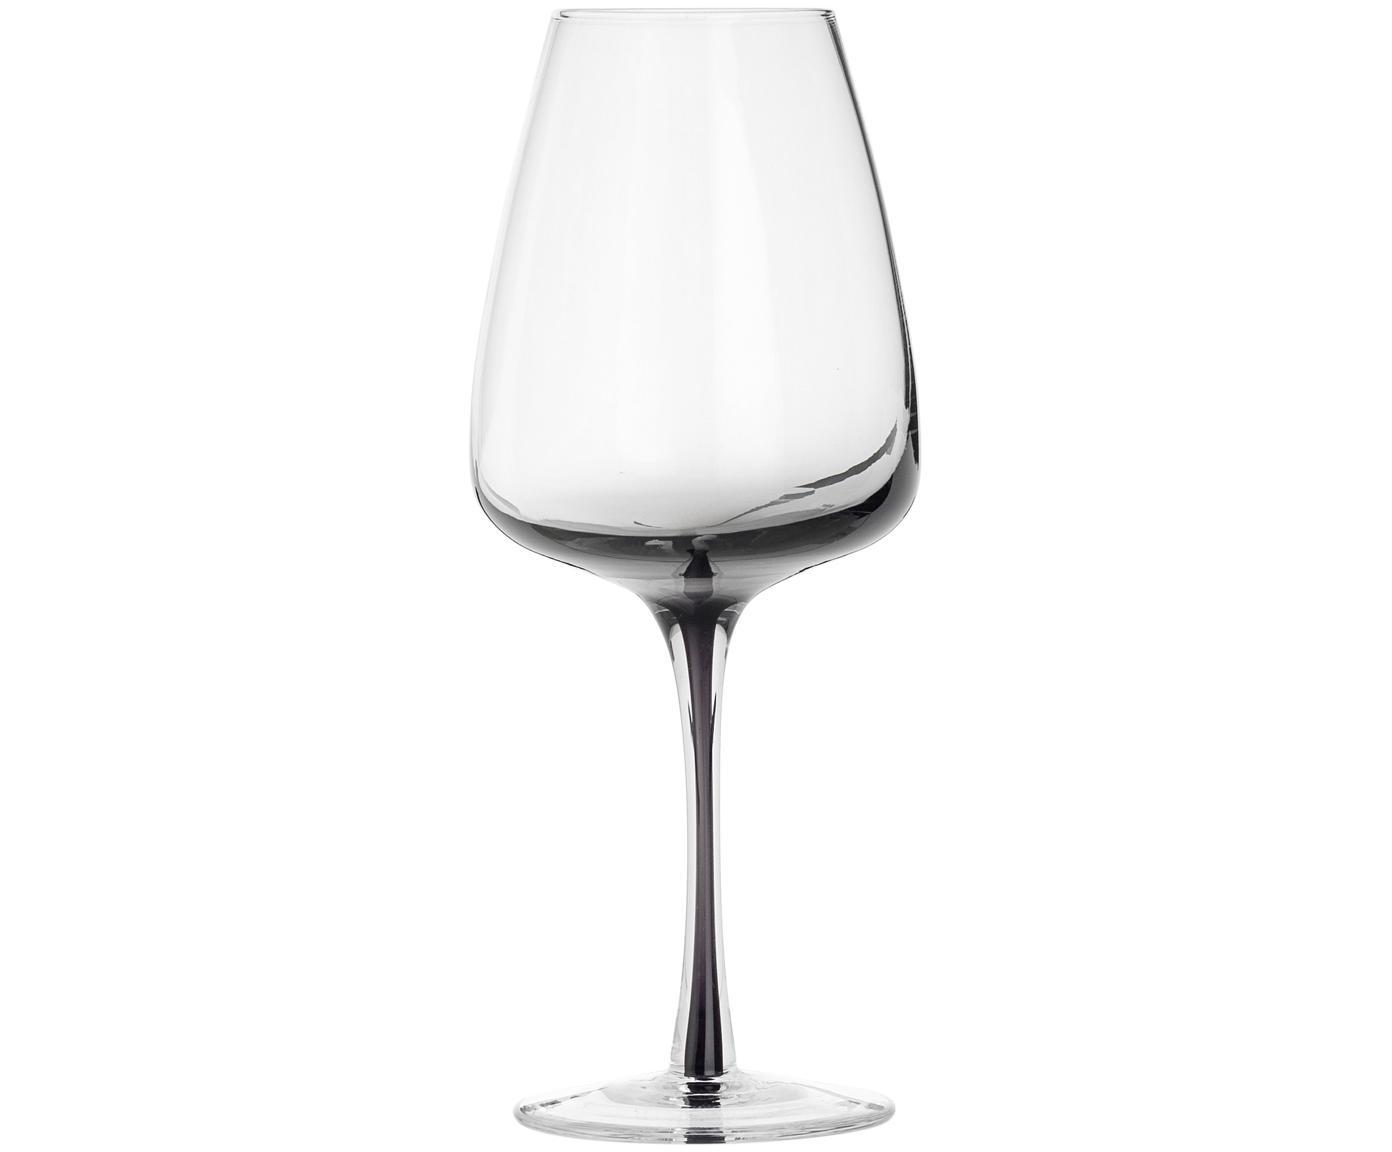 Bicchiere da vino bianco in vetro soffiato Smoke, 4 pz., Vetro, gonfiabile, Grigio scuro, Ø 9 x Alt. 21 cm